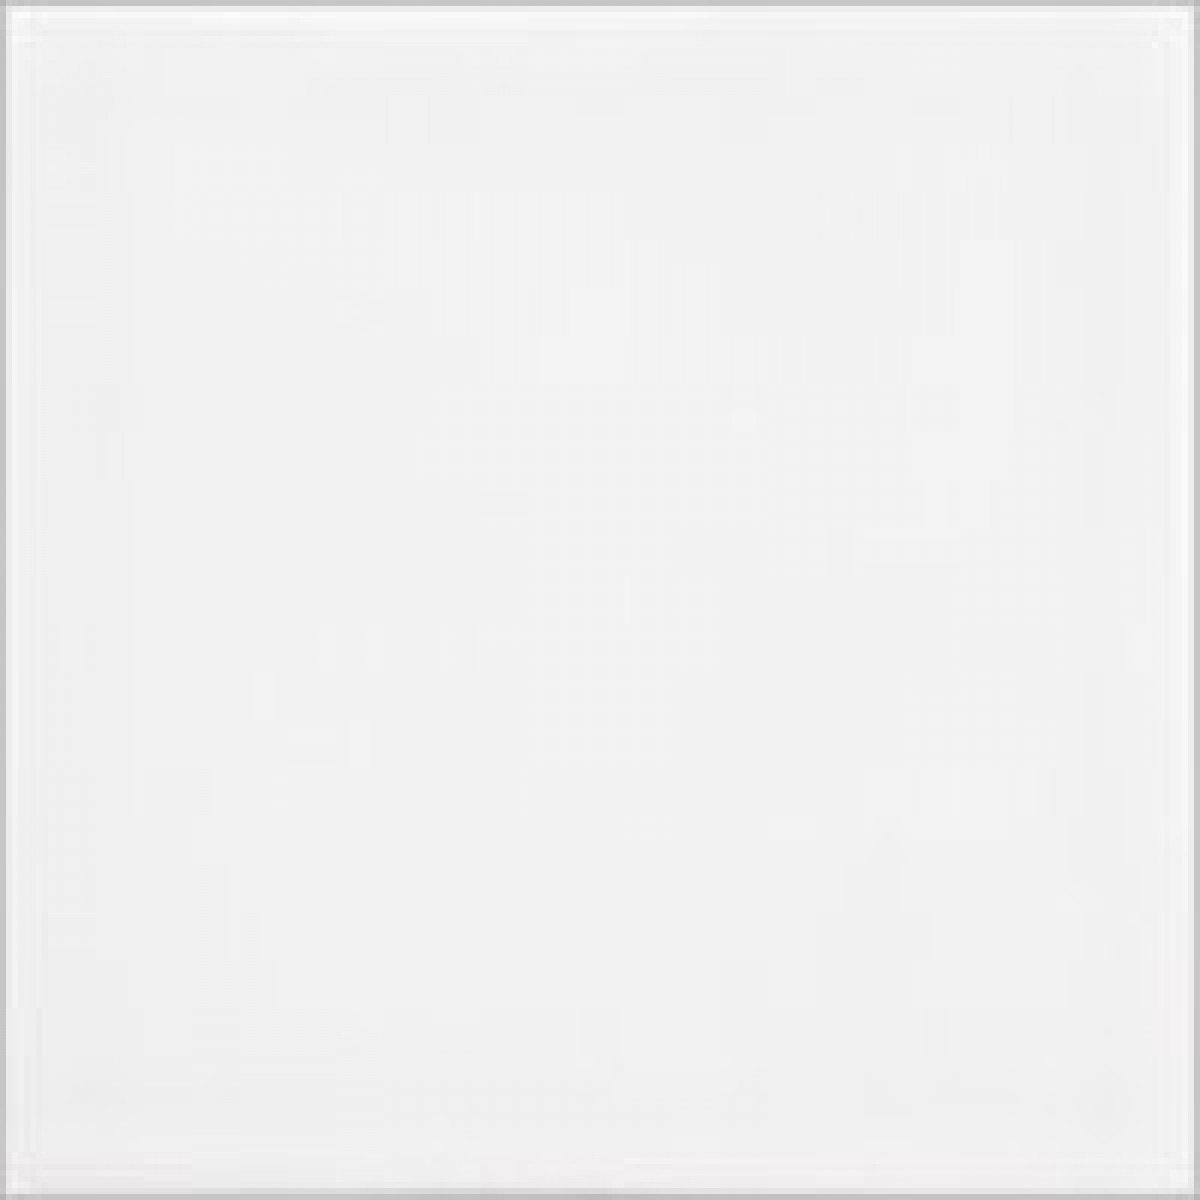 """Ceramic Tile / 6 x 6 x 0.25 inches / Glossy 6"""" X 6"""" Ceramic Tile In Bright Glossy White 0"""